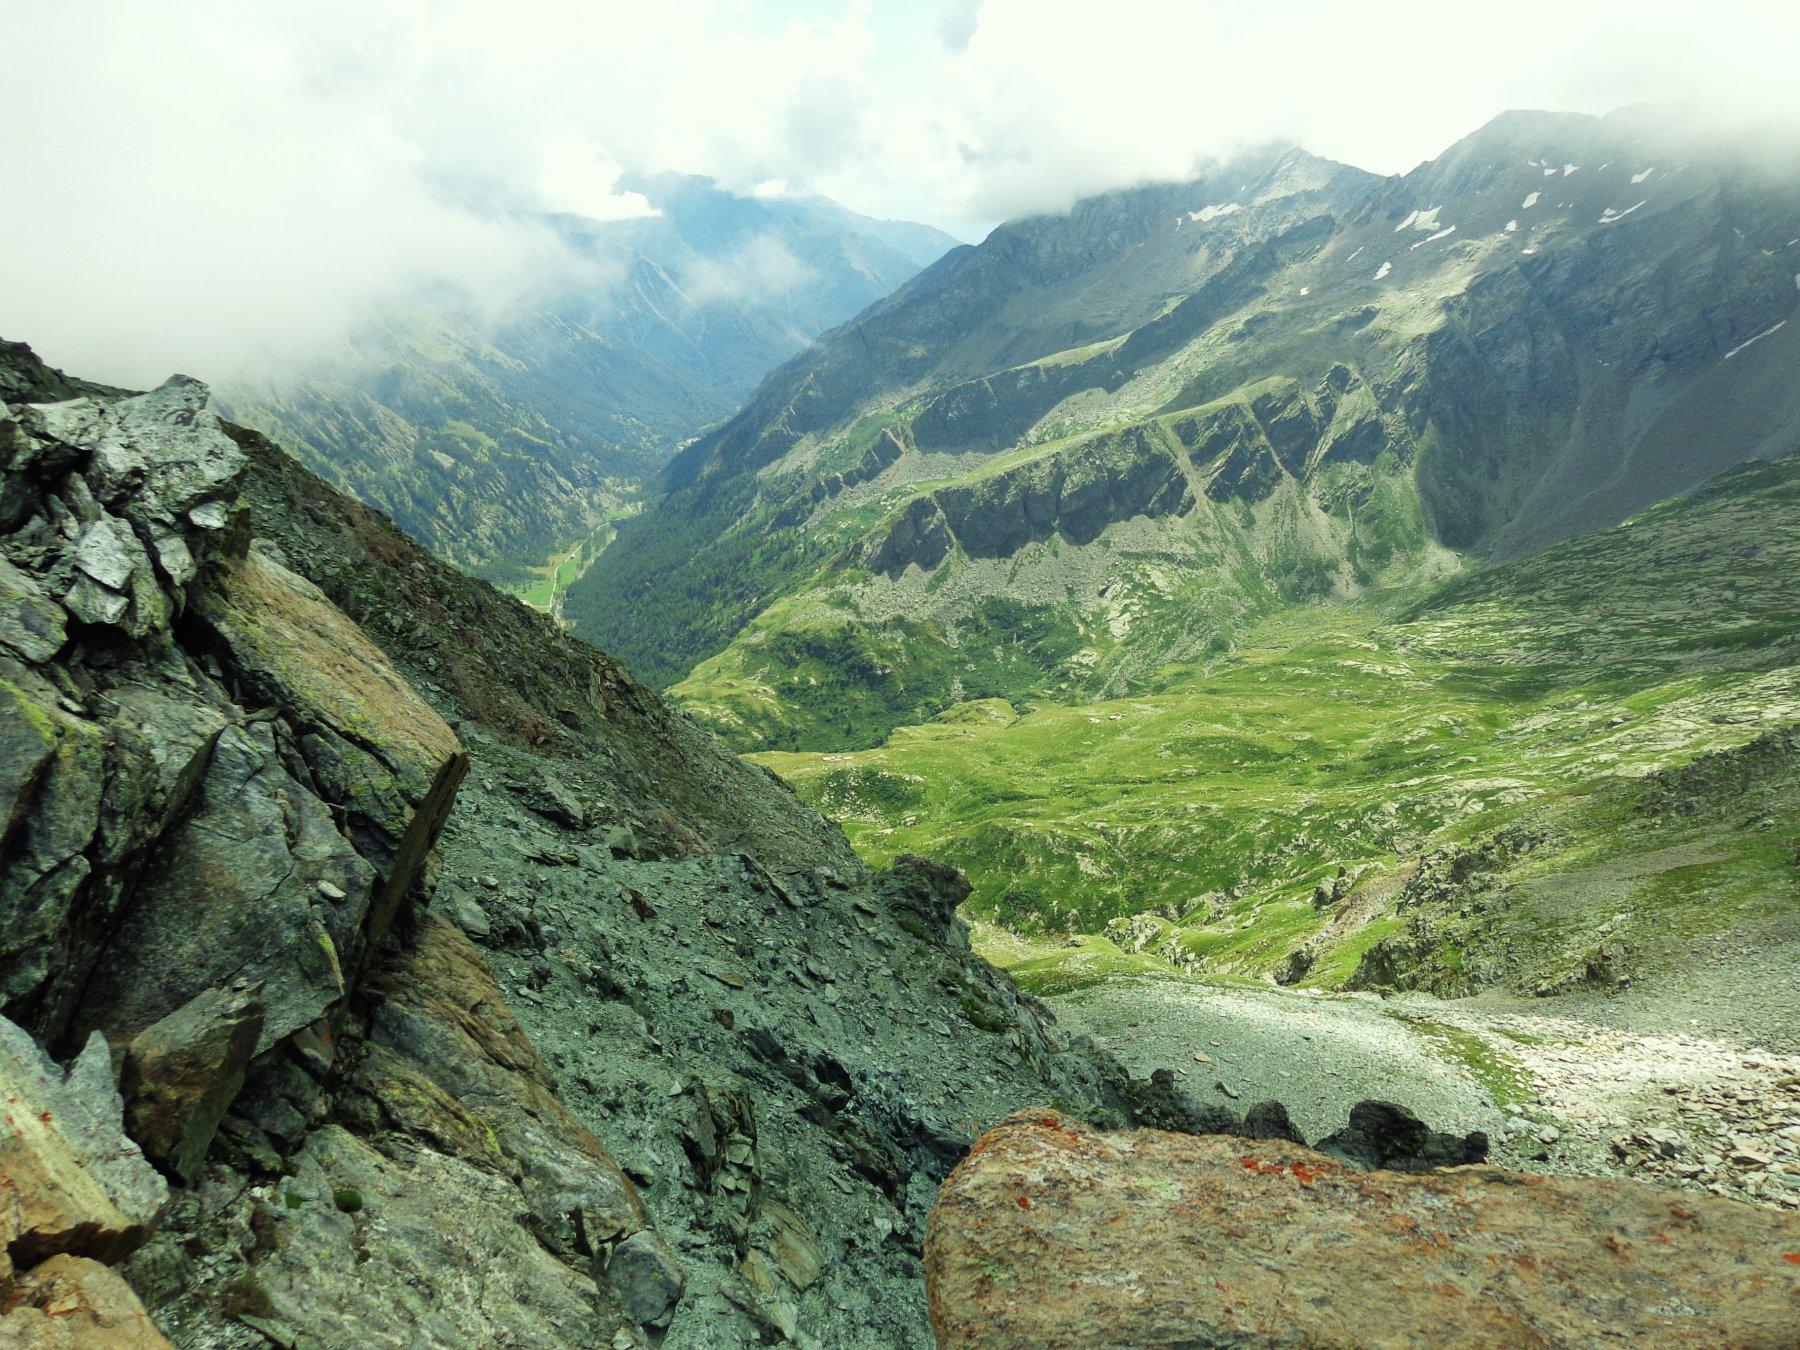 La vallata del Piemonte